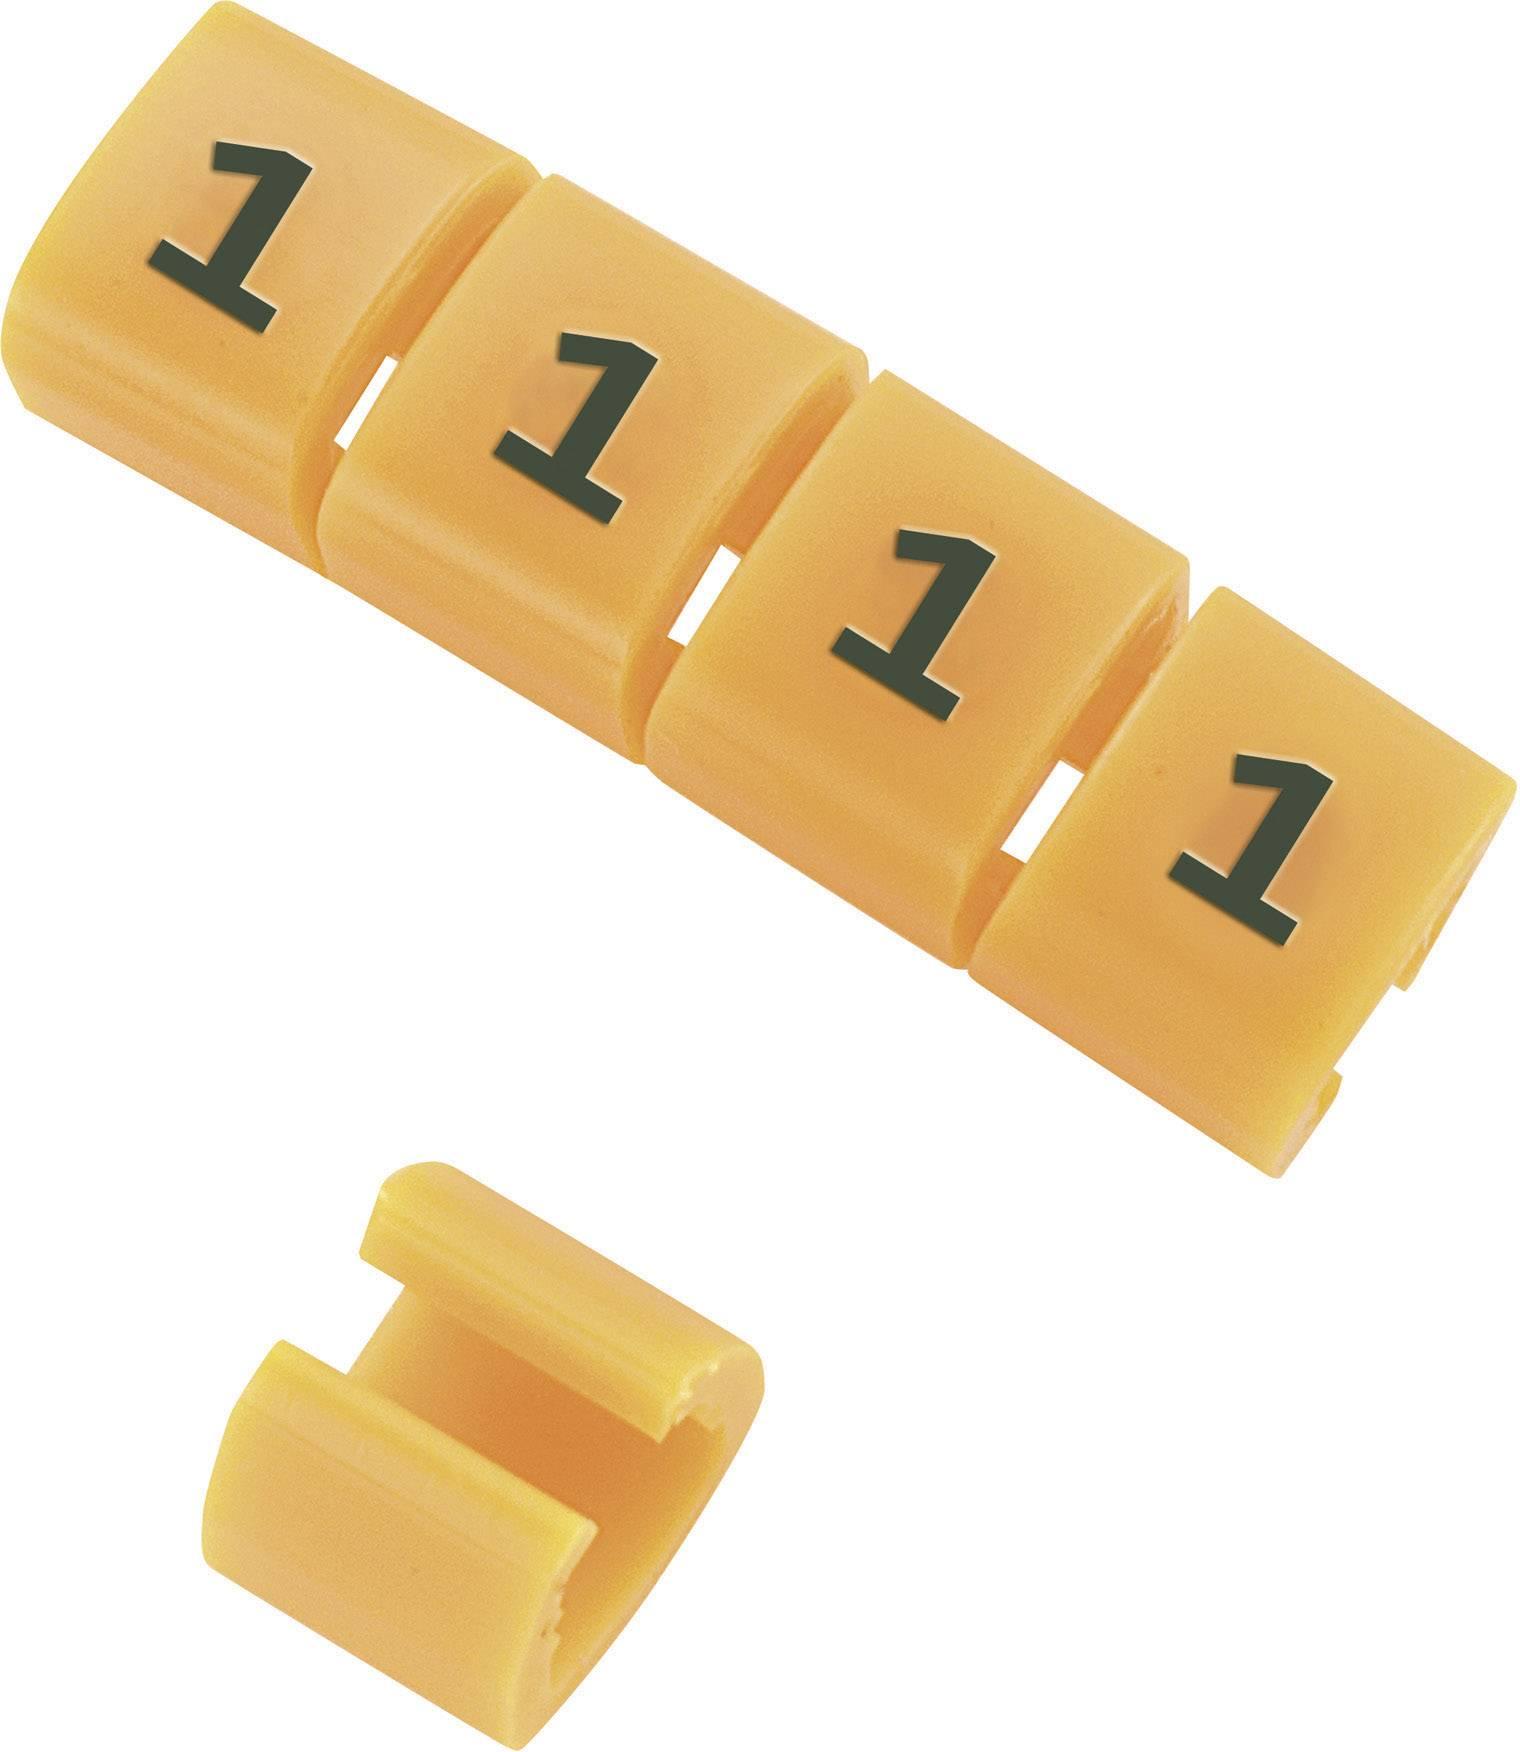 Označovacie objímka na káble KSS MB1/1, oranžová, 10 ks